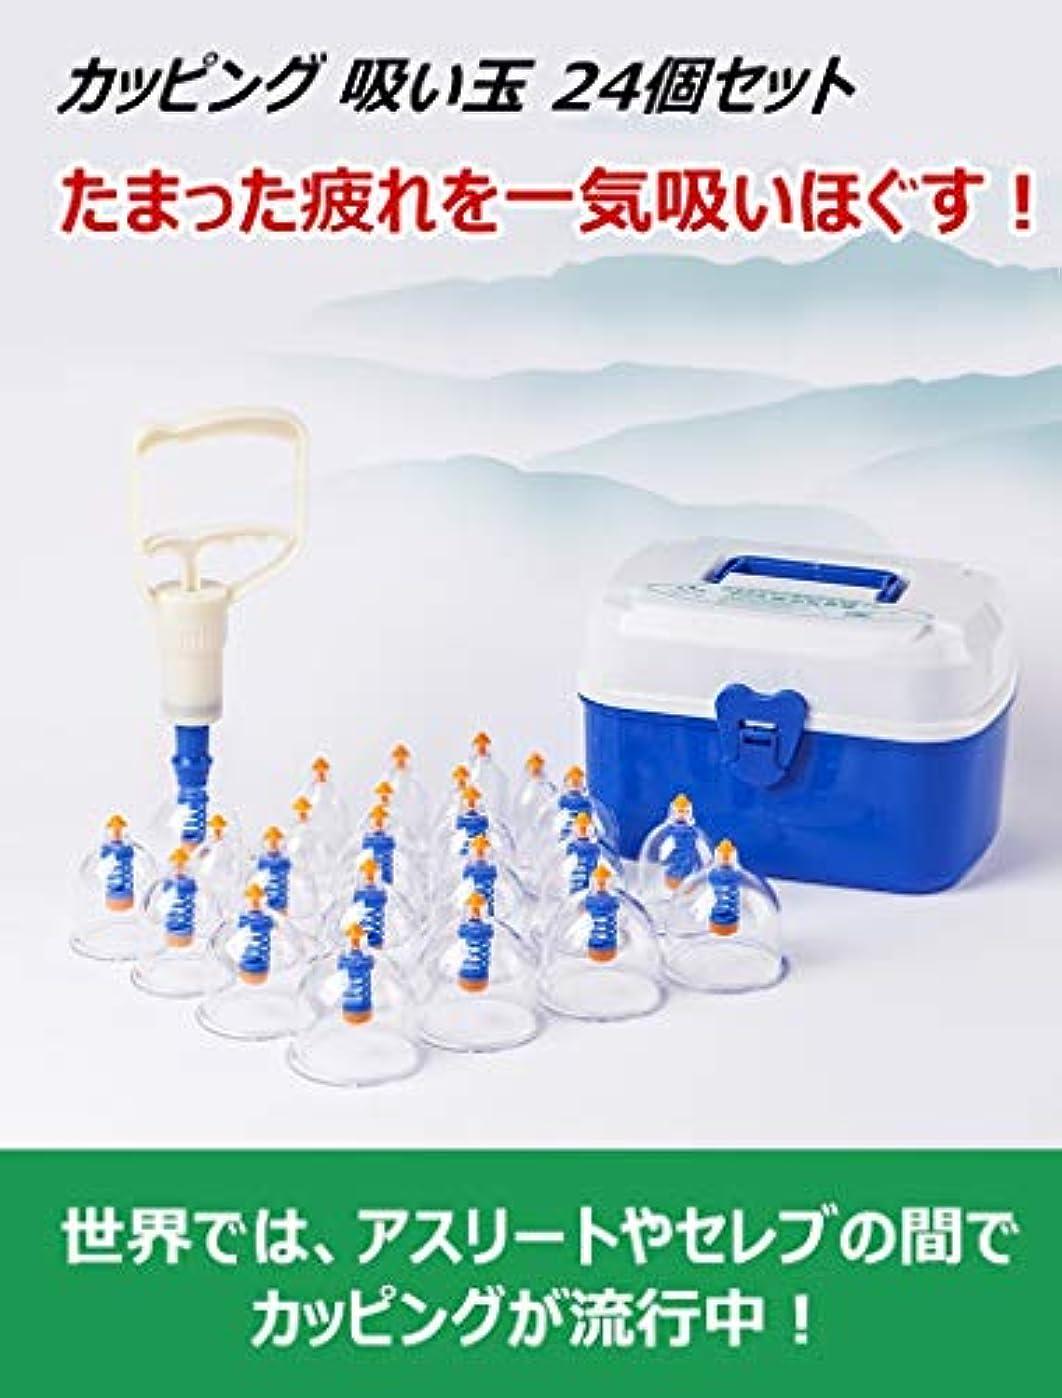 無視酔っ払いバケツ吸い玉 カッピング 6種類 24個セット中国四千年の健康法「吸玉」がご家庭で手軽にできるカッピングカップ ツボ刺激/血流促進/こり解消/点穴/磁気/刺激 延長チューブ?収納ケース付